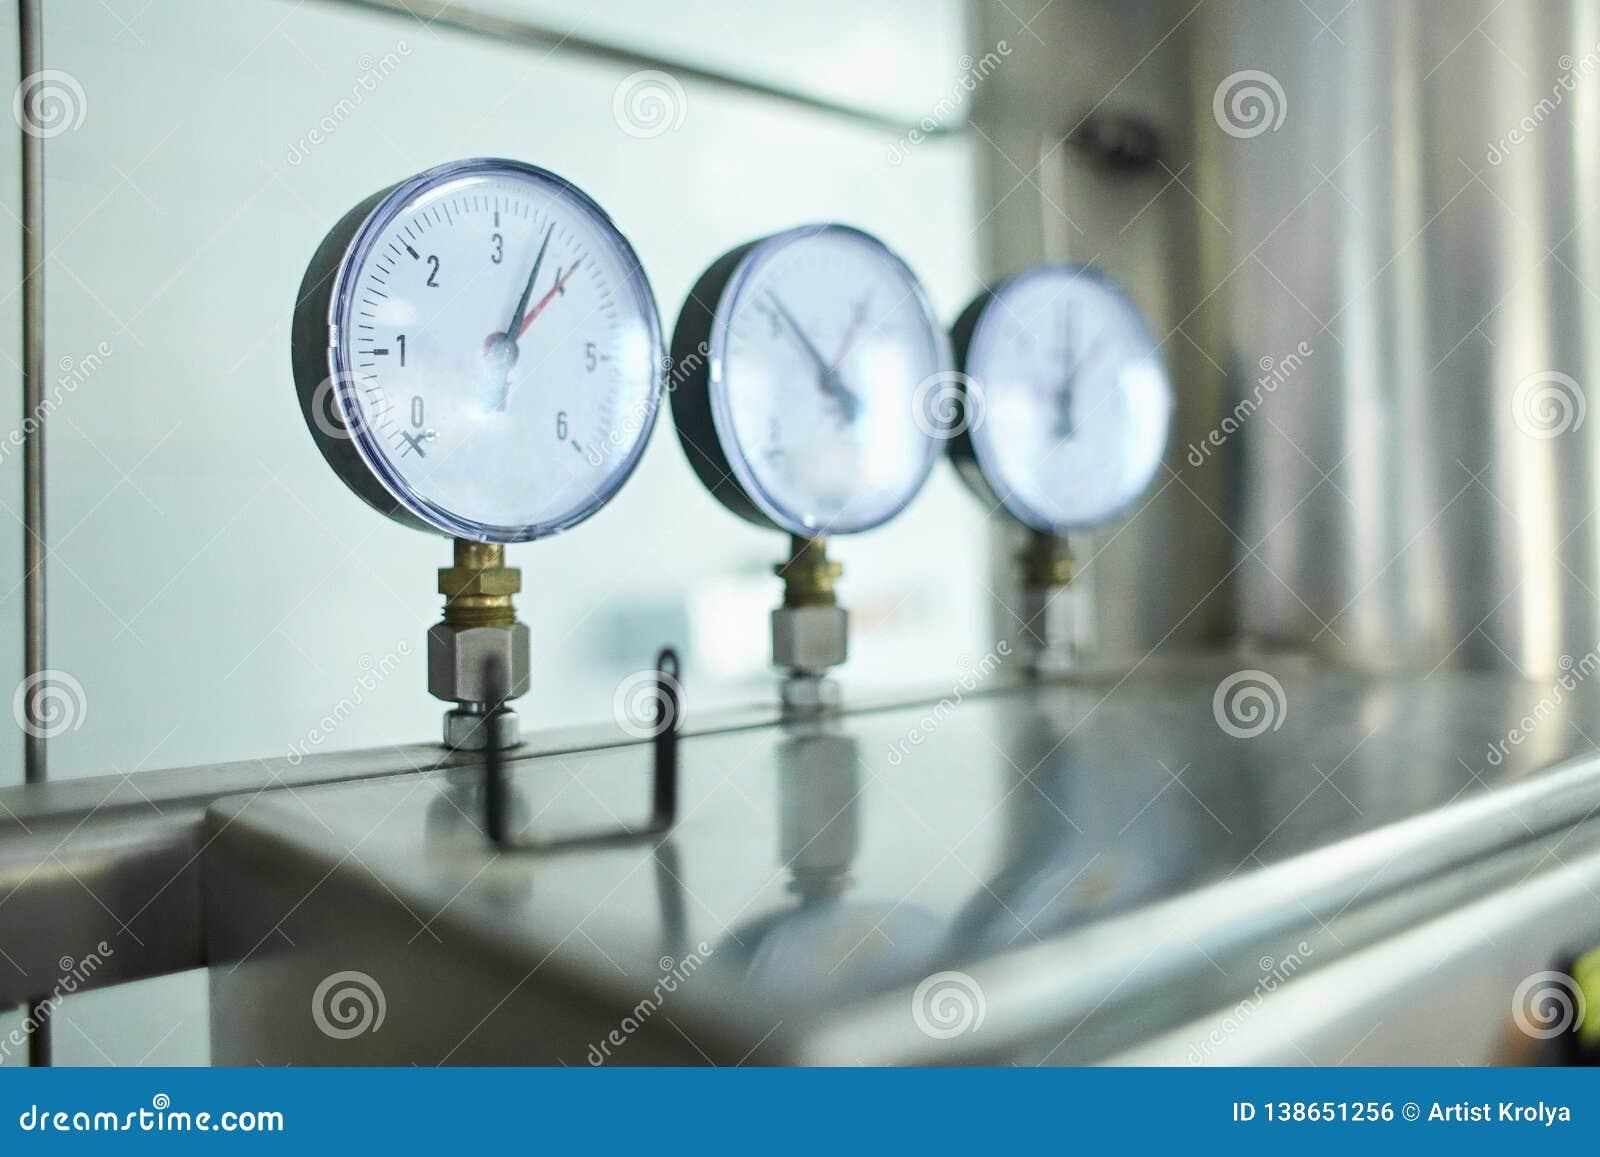 Druckmesser Haustierflasche mit Rohwasserherstellung